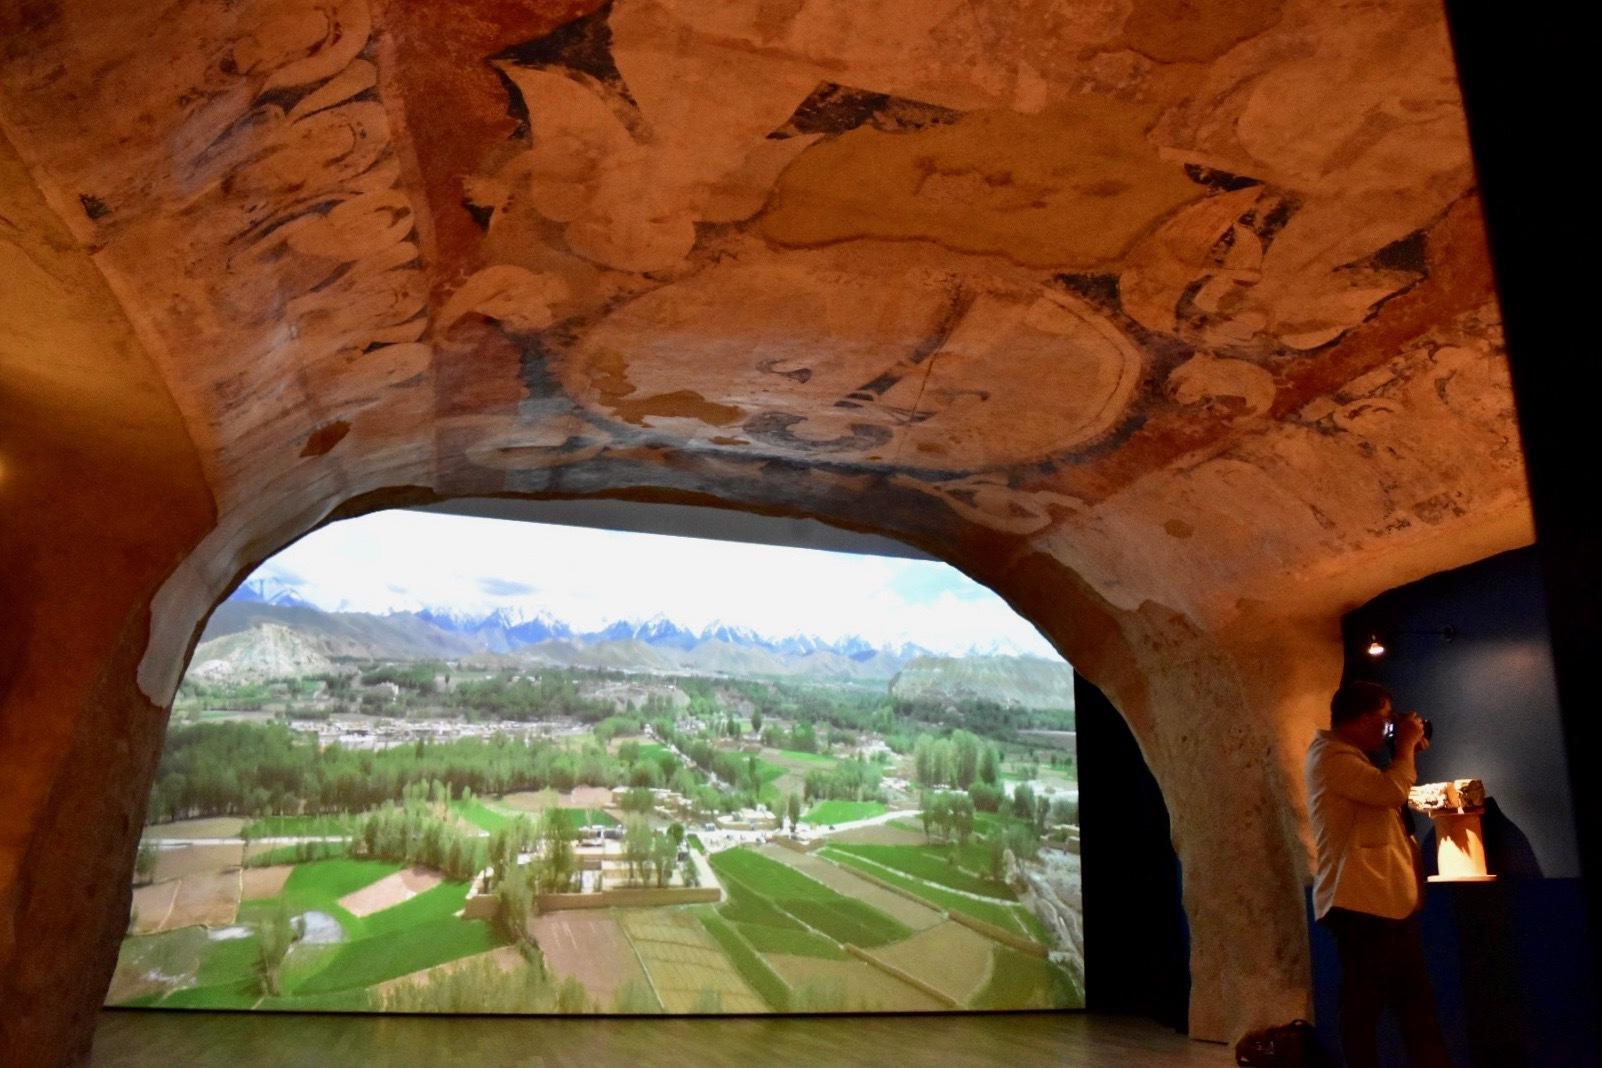 クローン文化財 バーミヤン東大仏天井壁画《天翔け太陽神》 6世紀 展示風景